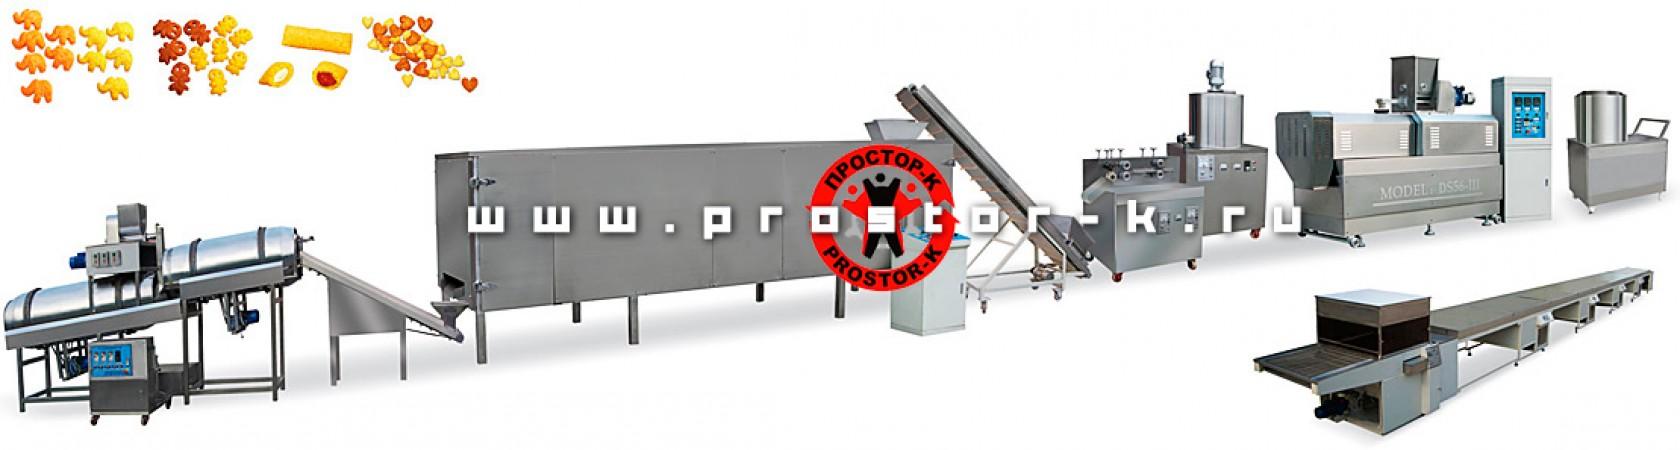 Компания Простор-К вводит в ассортимент продаж линию по производству сухариков, кукурузных палочек